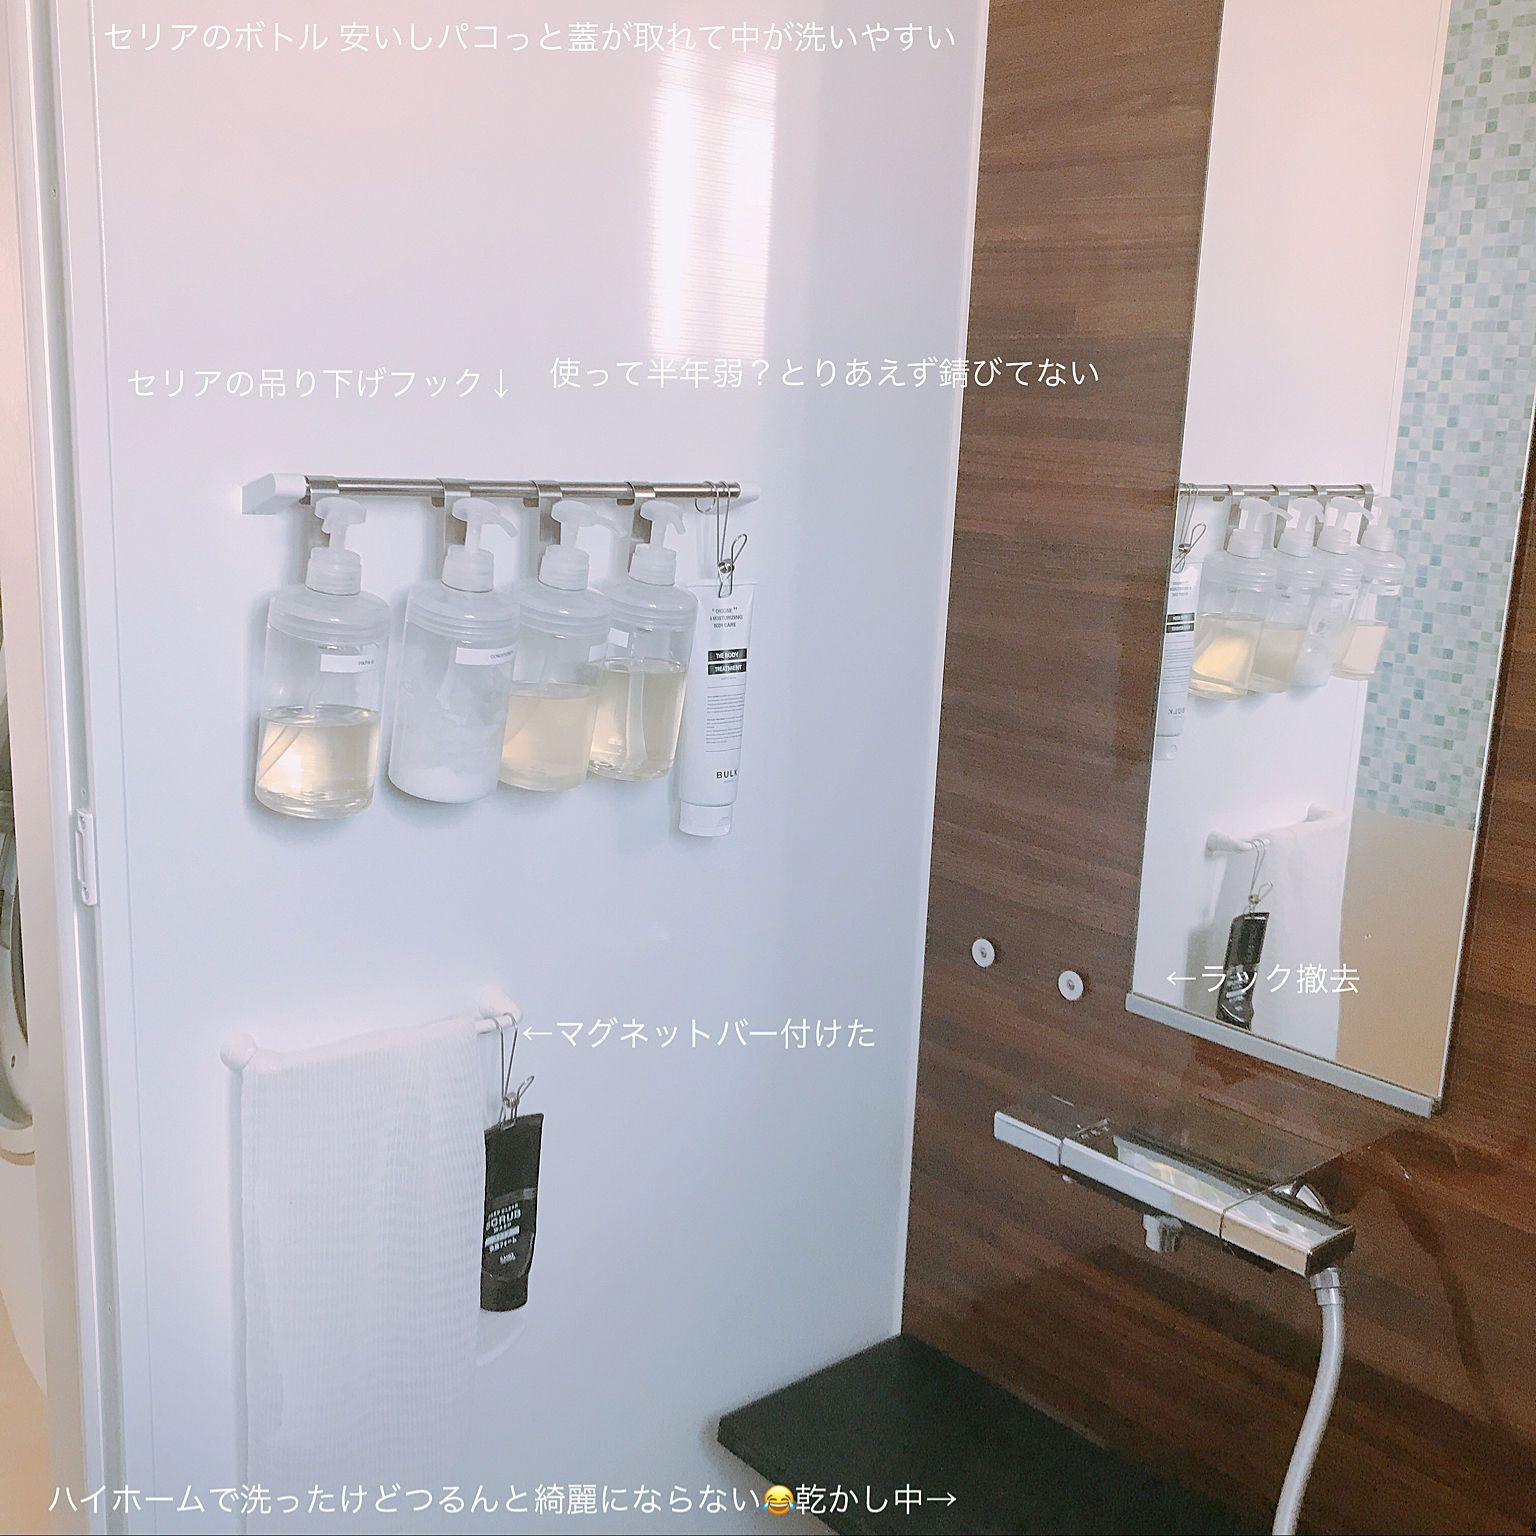 バス トイレ お風呂収納 浴槽 お風呂 セリア などのインテリア実例